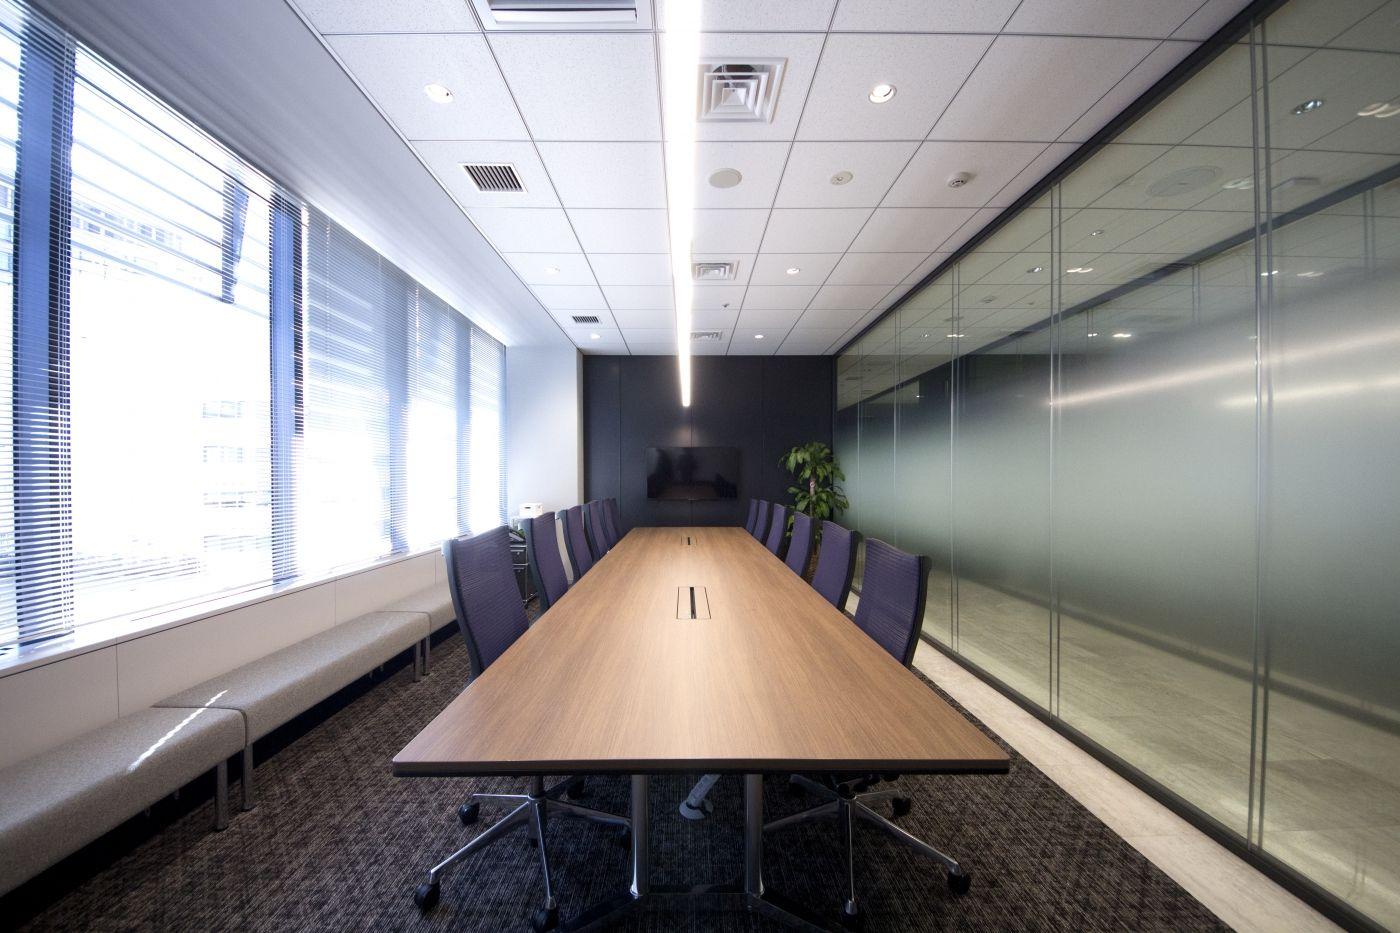 応接室 おしゃれまとめの人気アイデア Pinterest 高島道成 2020 オフィスデザイン 企業のオフィスのデザイン オフィス